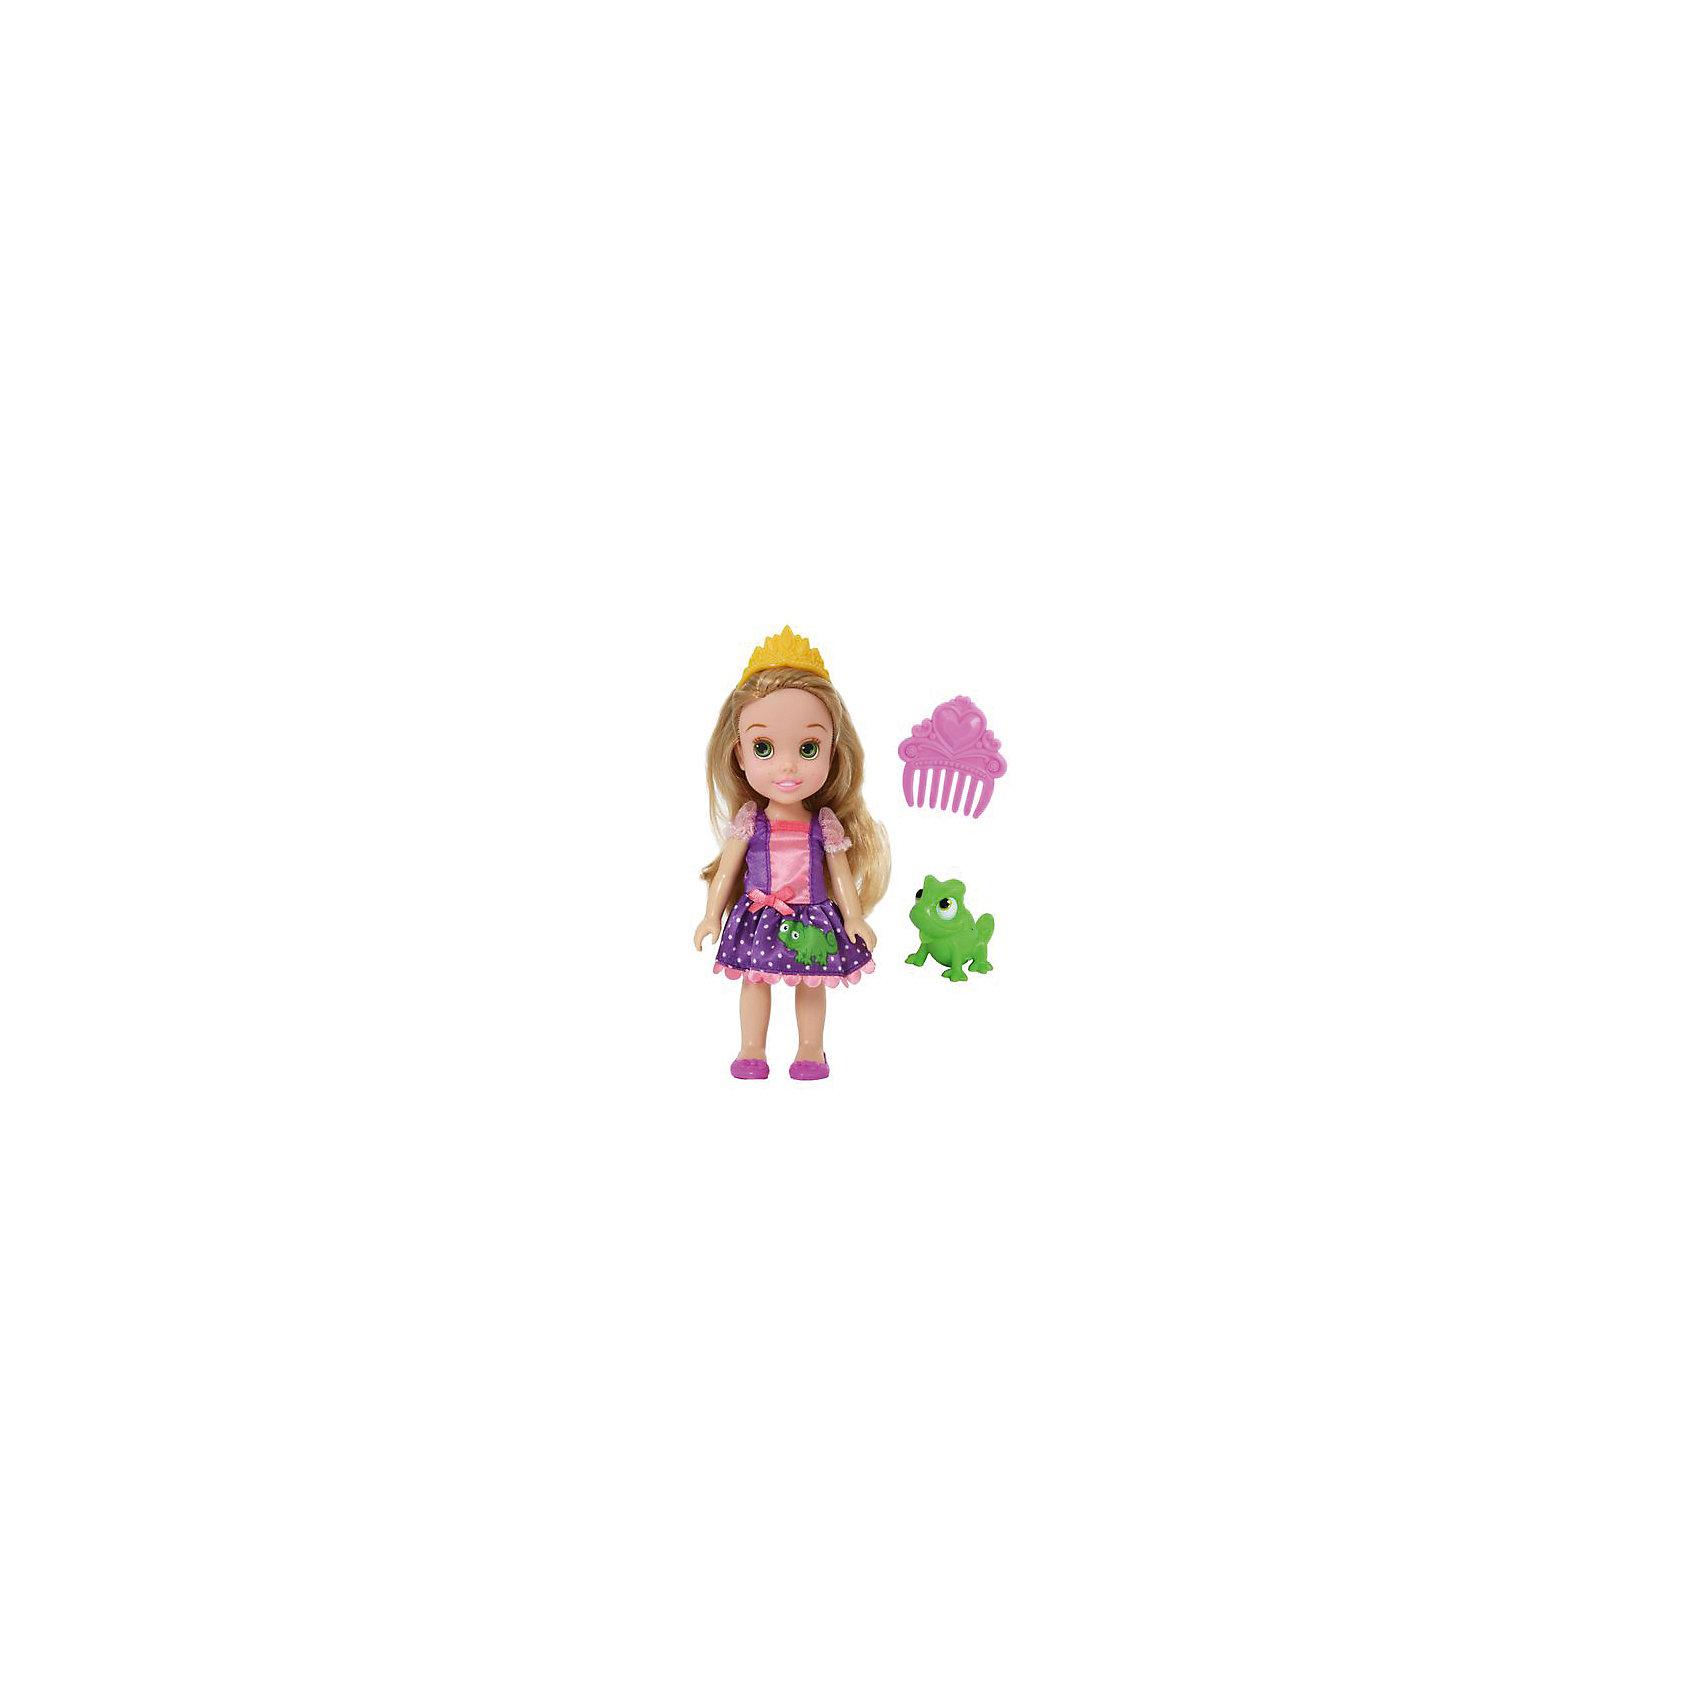 Кукла  Малышка с питомцем: Рапунцель, 15 см, Disney PrincessКукла  Малышка с питомцем: Рапунцель, 15 см, Disney Princess – эта маленькая принцесса станет отличным подарком для девочки!<br>Кукла Disney Малышка с питомцем: Рапунцель непременно приведет в восторг вашу дочурку и обязательно станет ее любимой игрушкой. Кукла одета в сиреневое платье с рукавами-фонариками, юбка которого украшена аппликацией в виде лягушонка. На голове Рапунцель тиара. Волосы мягкие на ощупь, их можно заплетать и укладывать в различные прически. Глазки куклы выполнены по особой запатентованной технологии - линзы делают их яркими и живыми. Милую очаровательную малышку с выразительным личиком сопровождает ее любимый питомец, готовый встать на защиту в сложной ситуации. Благодаря играм с куклой, ваша девочка сможет развить фантазию и любознательность, овладеть навыками общения и научиться ответственности.<br><br>Дополнительная информация:<br><br>- В комплекте: кукла, питомец, гребешок<br>- Высота куклы: 15 см.<br>- Материал: пластик, текстиль<br><br>Куклу  Малышка с питомцем: Рапунцель, 15 см, Disney Princess можно купить в нашем интернет-магазине.<br><br>Ширина мм: 140<br>Глубина мм: 195<br>Высота мм: 60<br>Вес г: 201<br>Возраст от месяцев: 36<br>Возраст до месяцев: 84<br>Пол: Женский<br>Возраст: Детский<br>SKU: 4401532